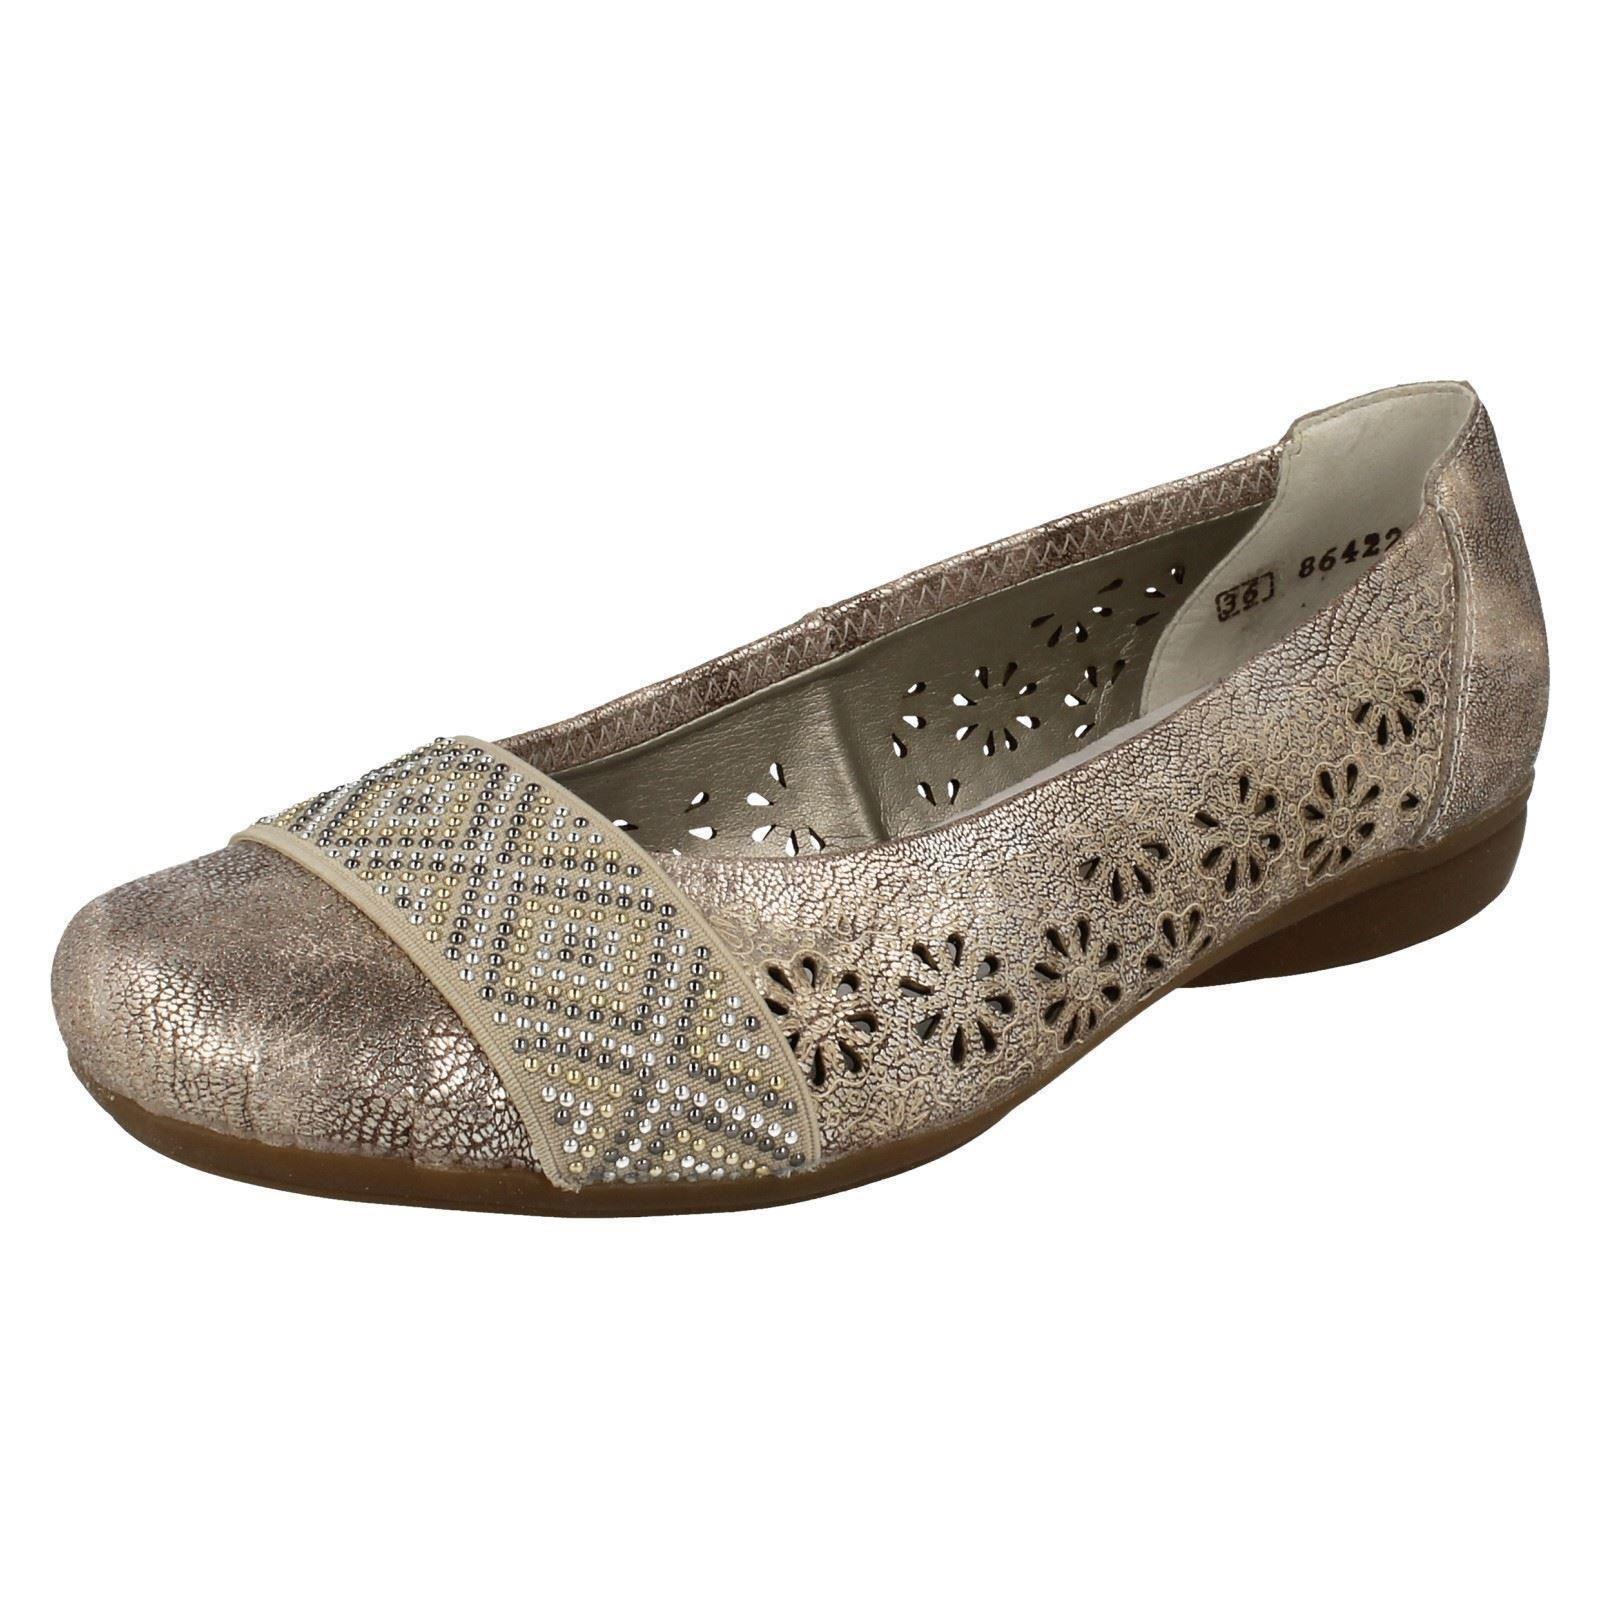 Femmes Métallique à Enfiler Plates Dolly Ballerine RIEKER Chaussures L3857